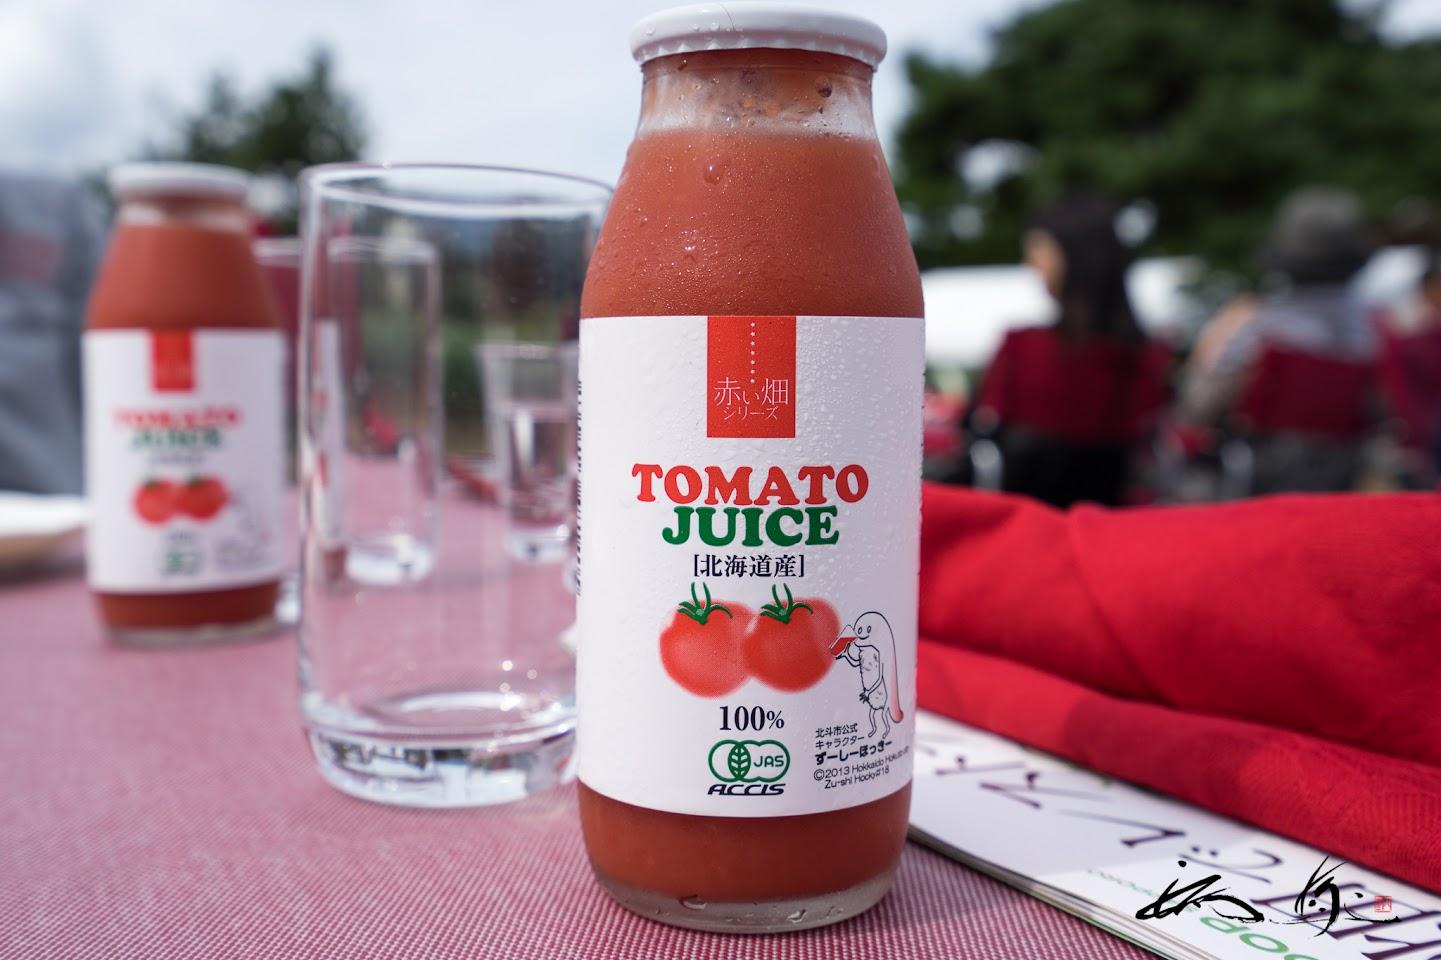 お土産のトマトジュース「アイコ」